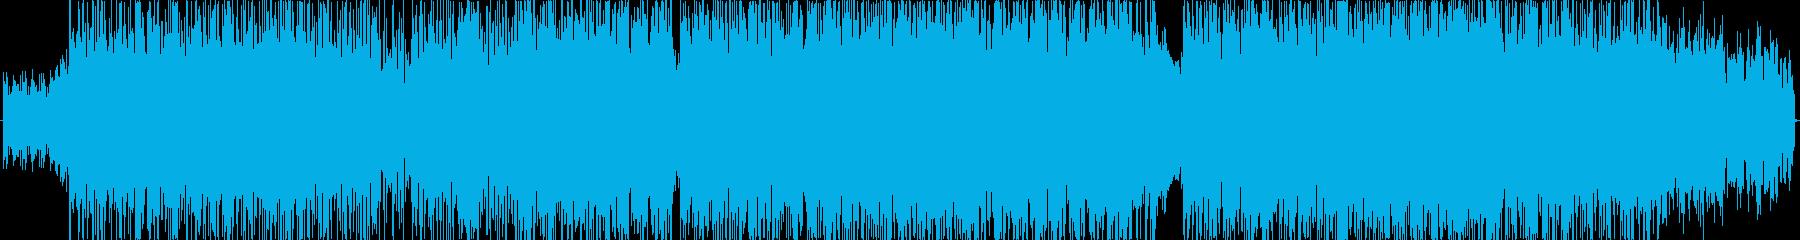 ファンキッシュなギターカッティングとリ…の再生済みの波形